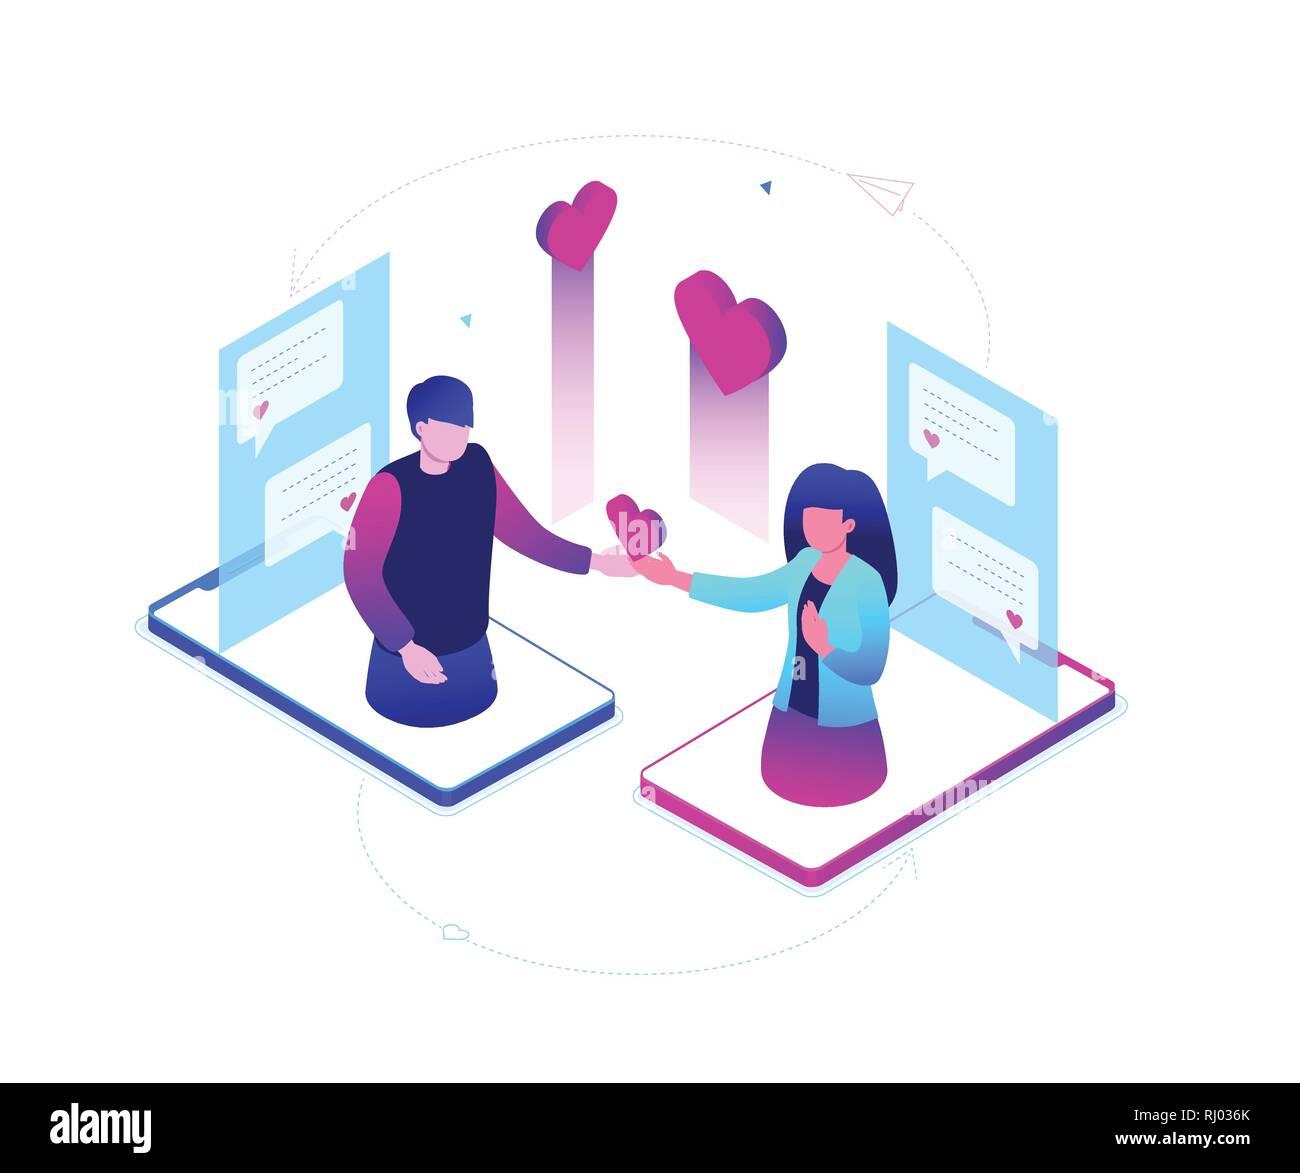 Dating online - moderno colorido isométrica ilustración vectorial Ilustración del Vector